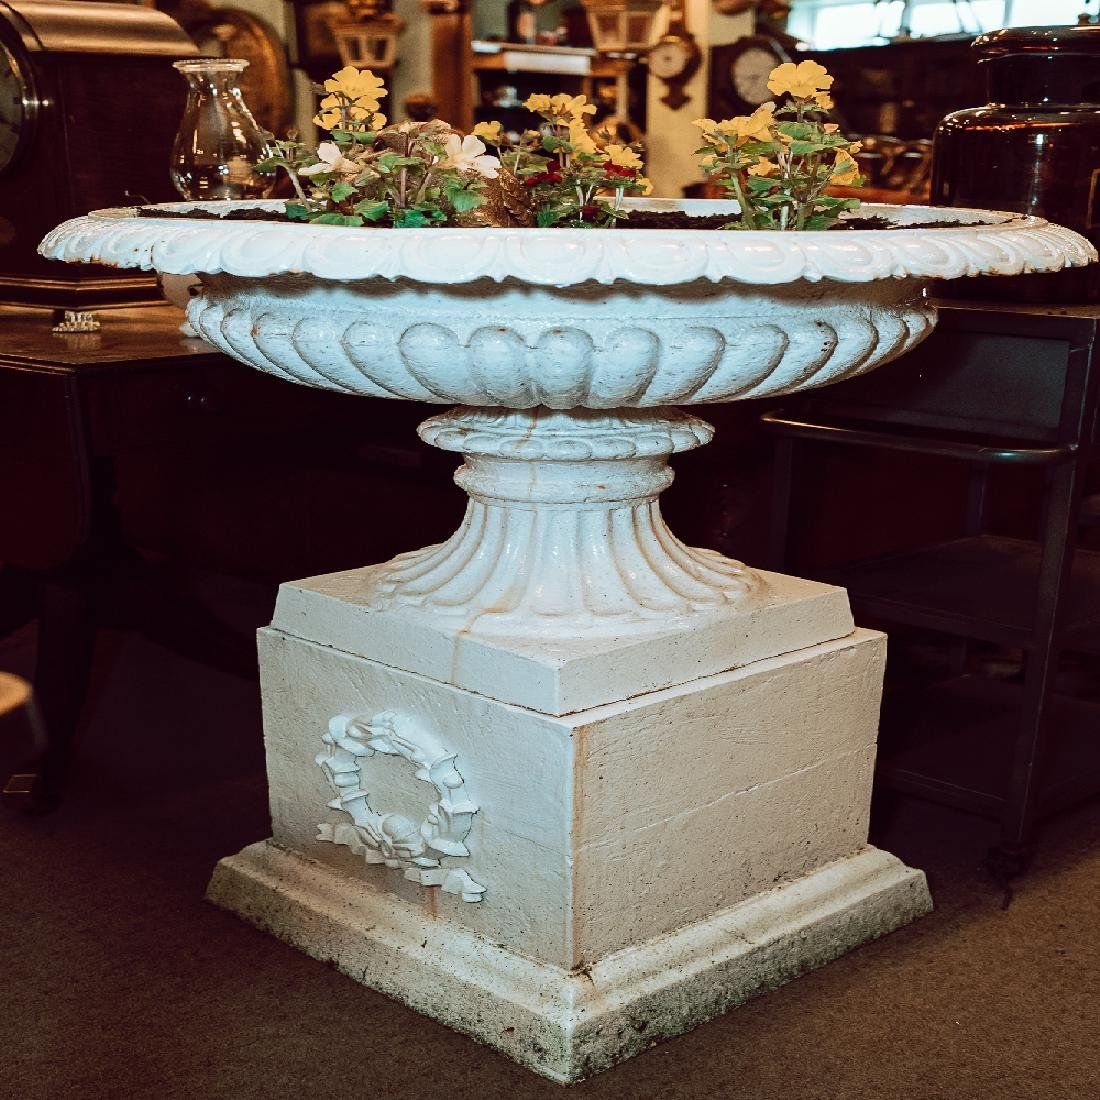 Pair of exceptional cast iron garden urns on pedestals.